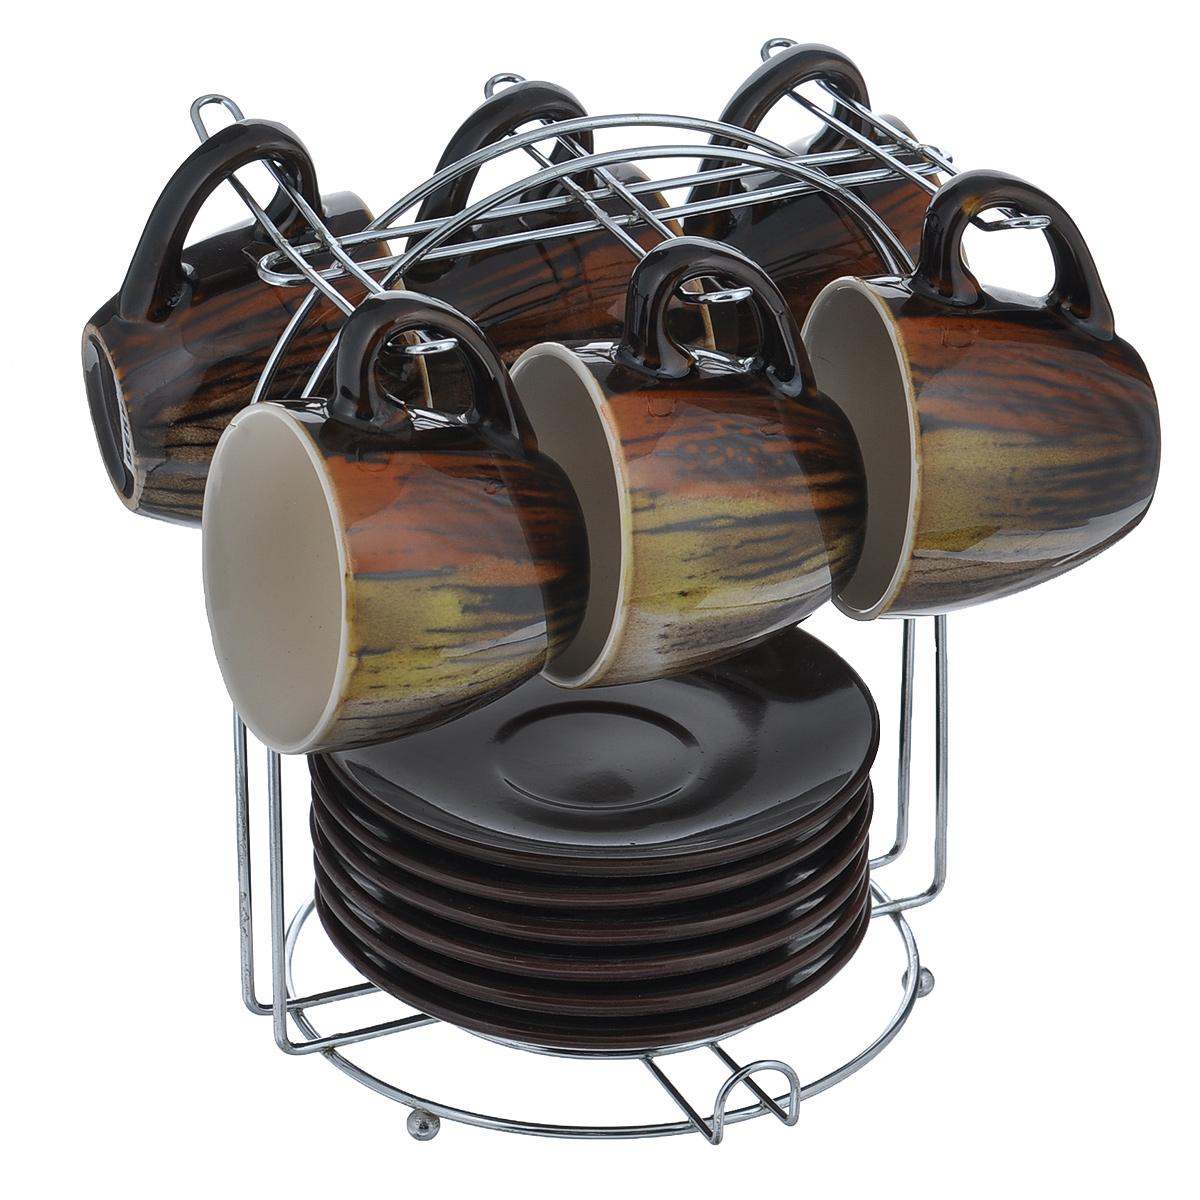 Набор кофейный Bekker Koch, цвет: коричневый, 13 предметов115510Набор кофейный Bekker Koch изготовлен из жаропрочной керамики. В набор входит: шесть чашек, шесть блюдец и одна подставка.Подставка изготовлена из металла. Кофейный набор на подставке не займет много места. Набор кофейный Bekker Koch украсит ваш праздничный стол и порадует вас и ваших гостей необычным дизайном и изящными формами. Набор станет чудесным подарком к любому случаю.Можно мыть в посудомоечной машите. Диаметр чашки: 6,5 см. Высота чашки: 6 см. Диаметр блюдца: 11 см. Объем чашки: 90 мл. Размер подставки: 12 см х 16 см х 17 см.